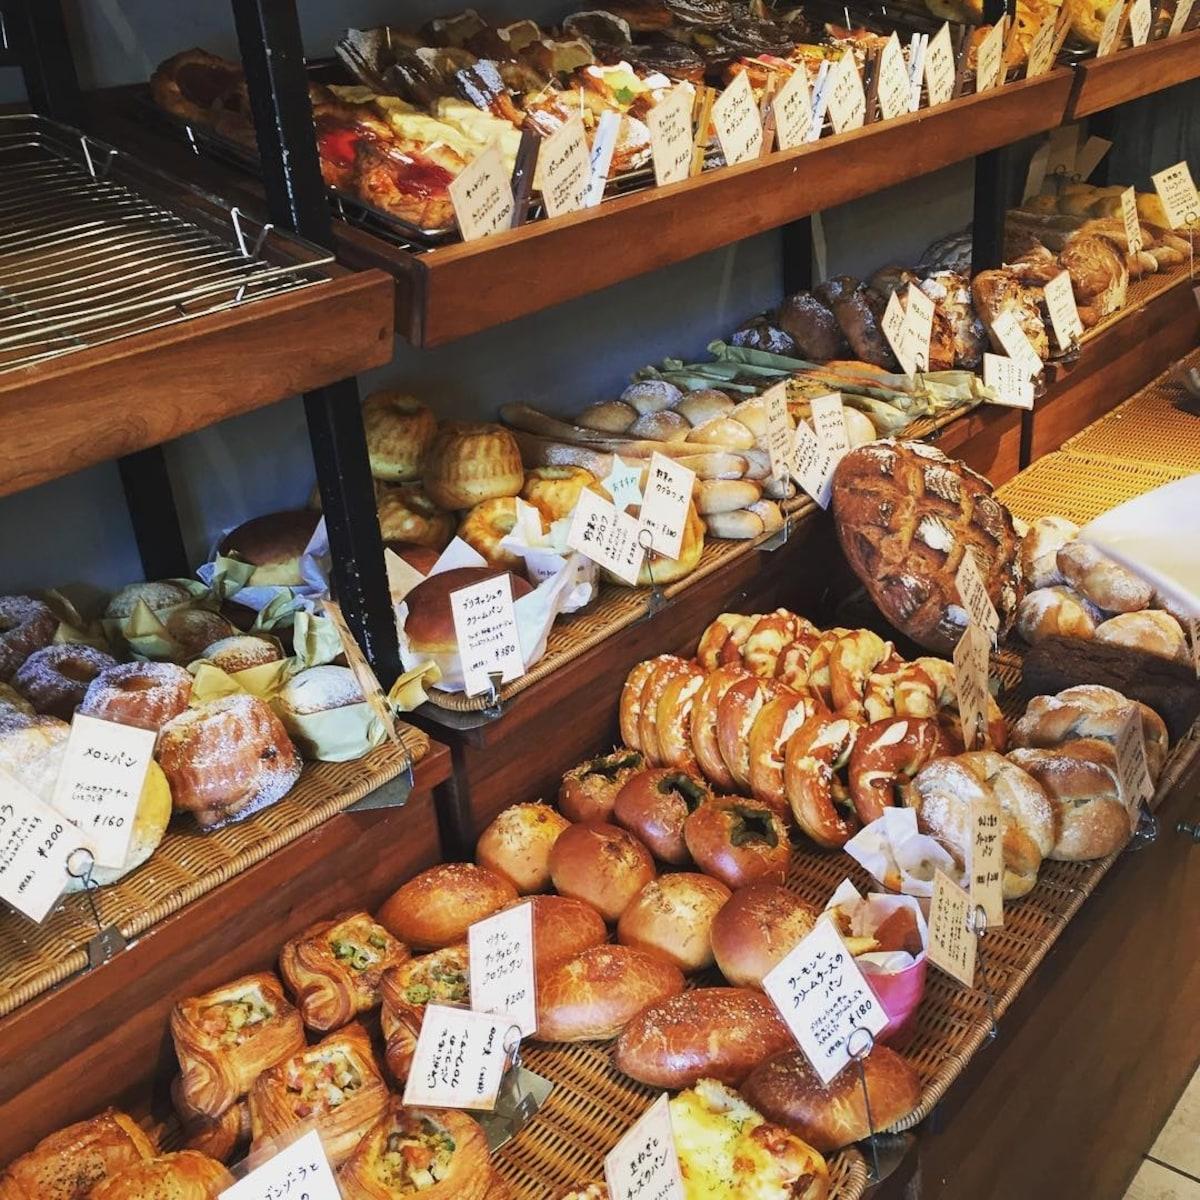 【京都美食】麵包控注意!小心上癮的10間京都麵包店 | All About Japan